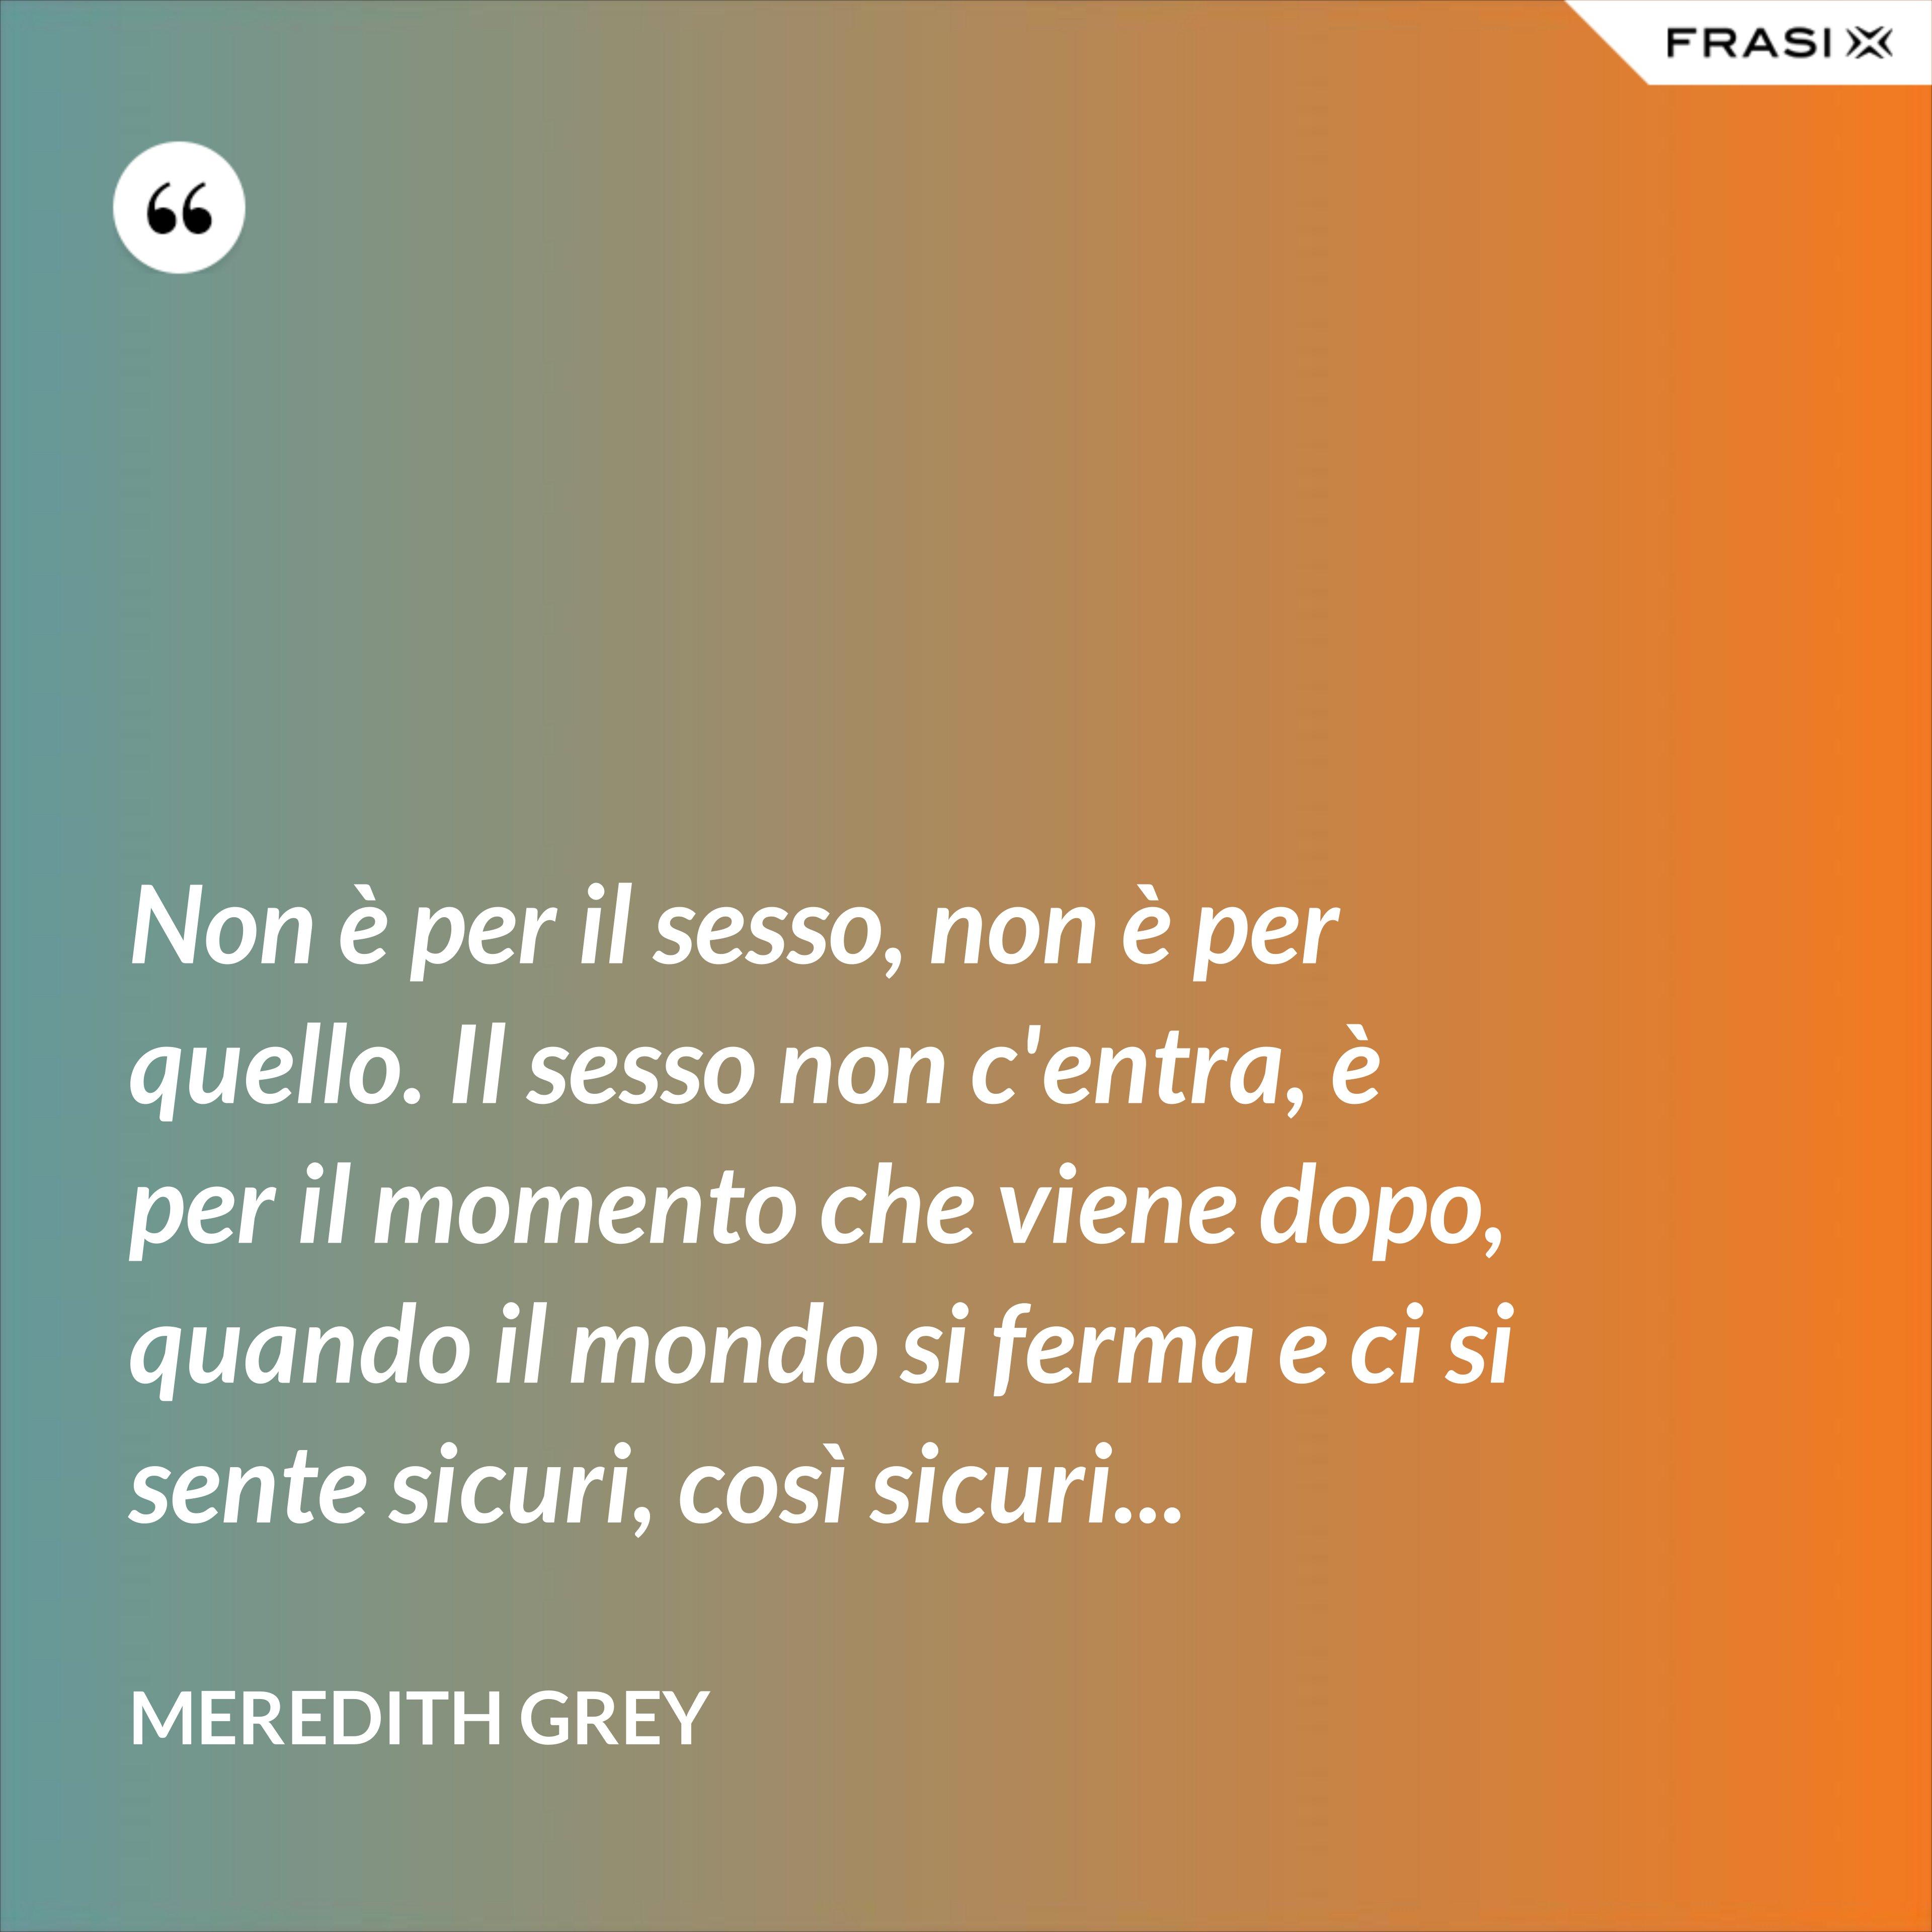 Non è per il sesso, non è per quello. Il sesso non c'entra, è per il momento che viene dopo, quando il mondo si ferma e ci si sente sicuri, così sicuri... - Meredith Grey